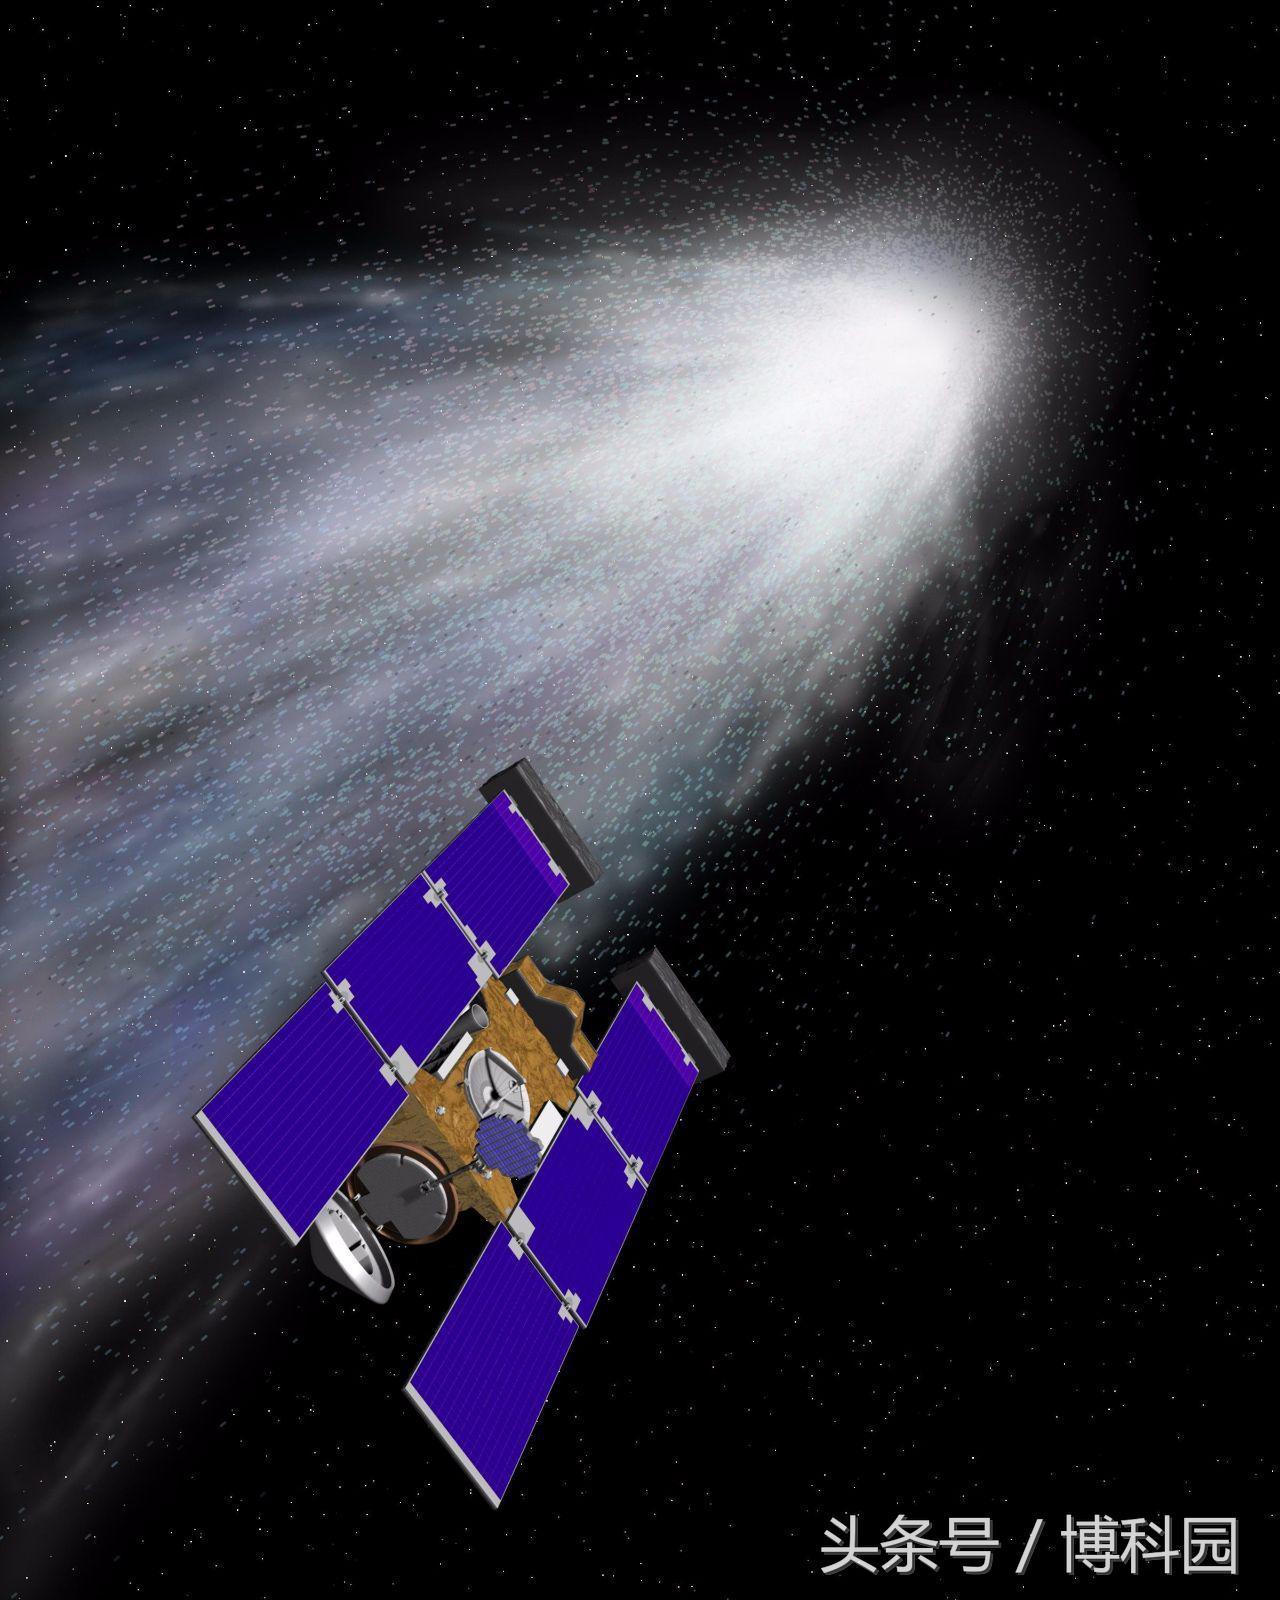 彗星为研究太阳系起源提供了难得的机会